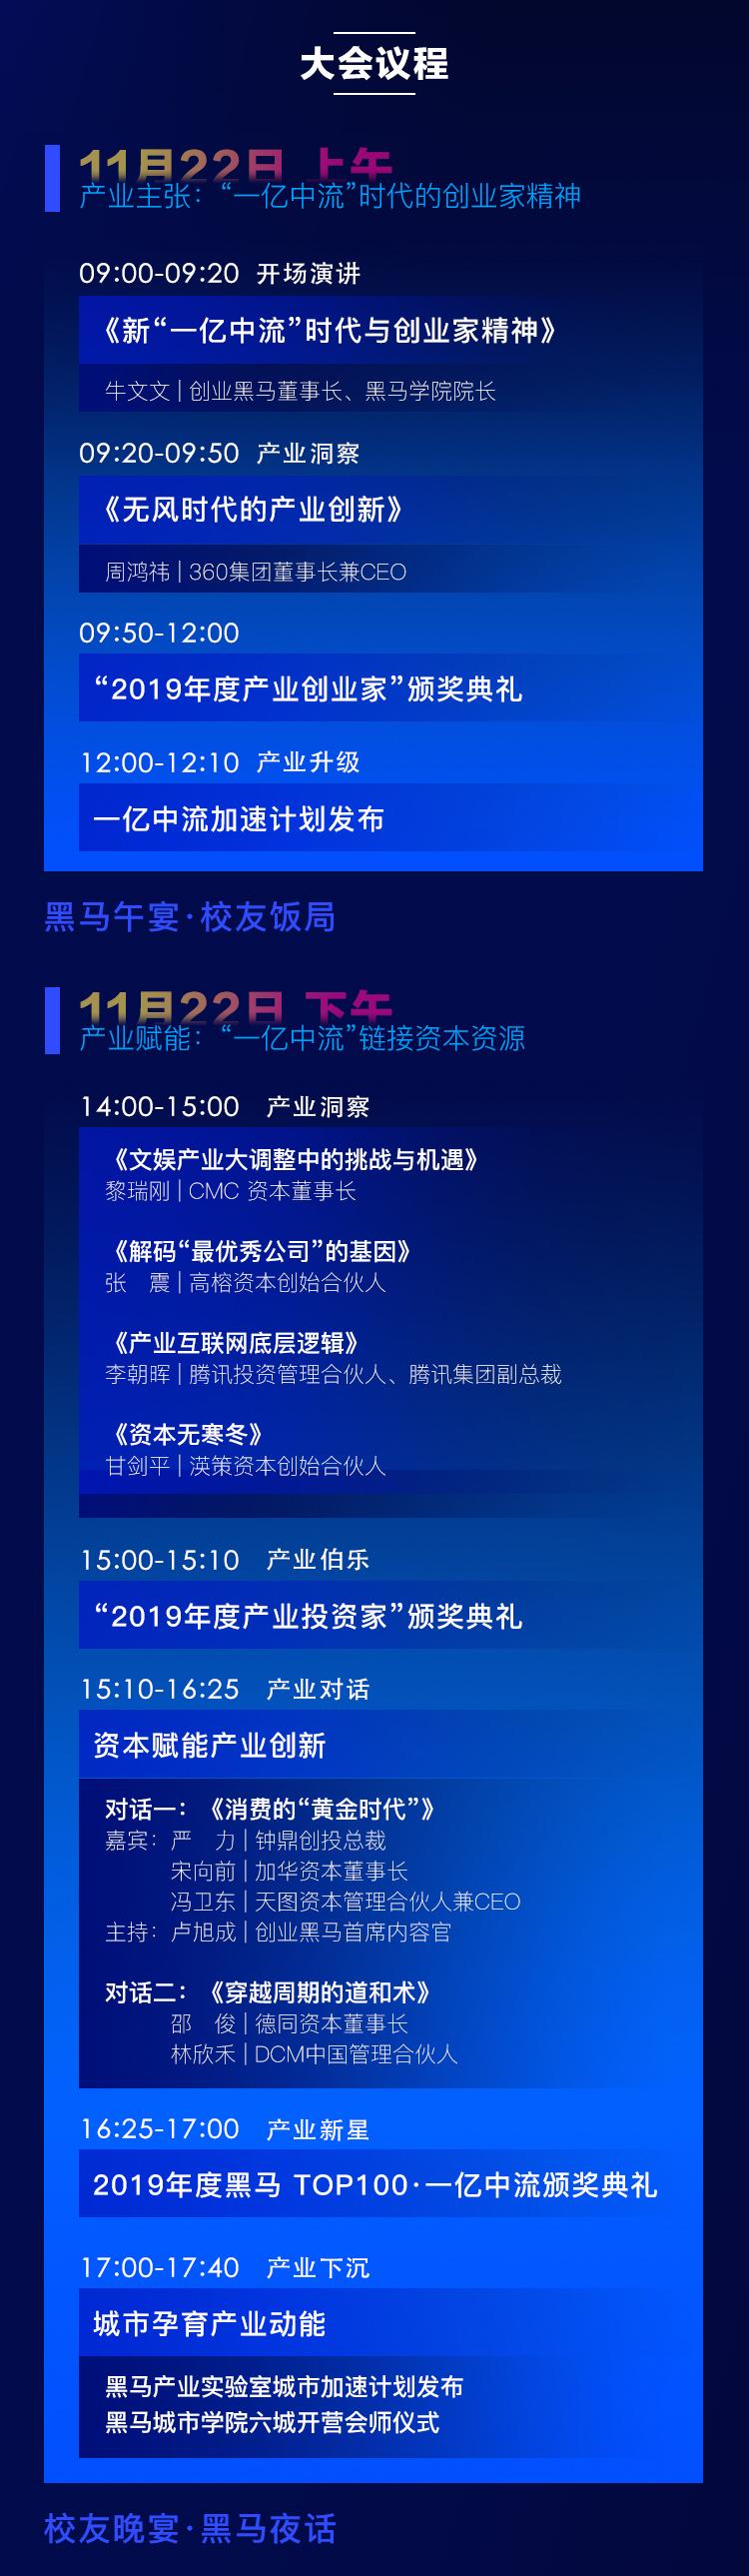 2019第十二届创业家年会暨产业加速大会(北京)